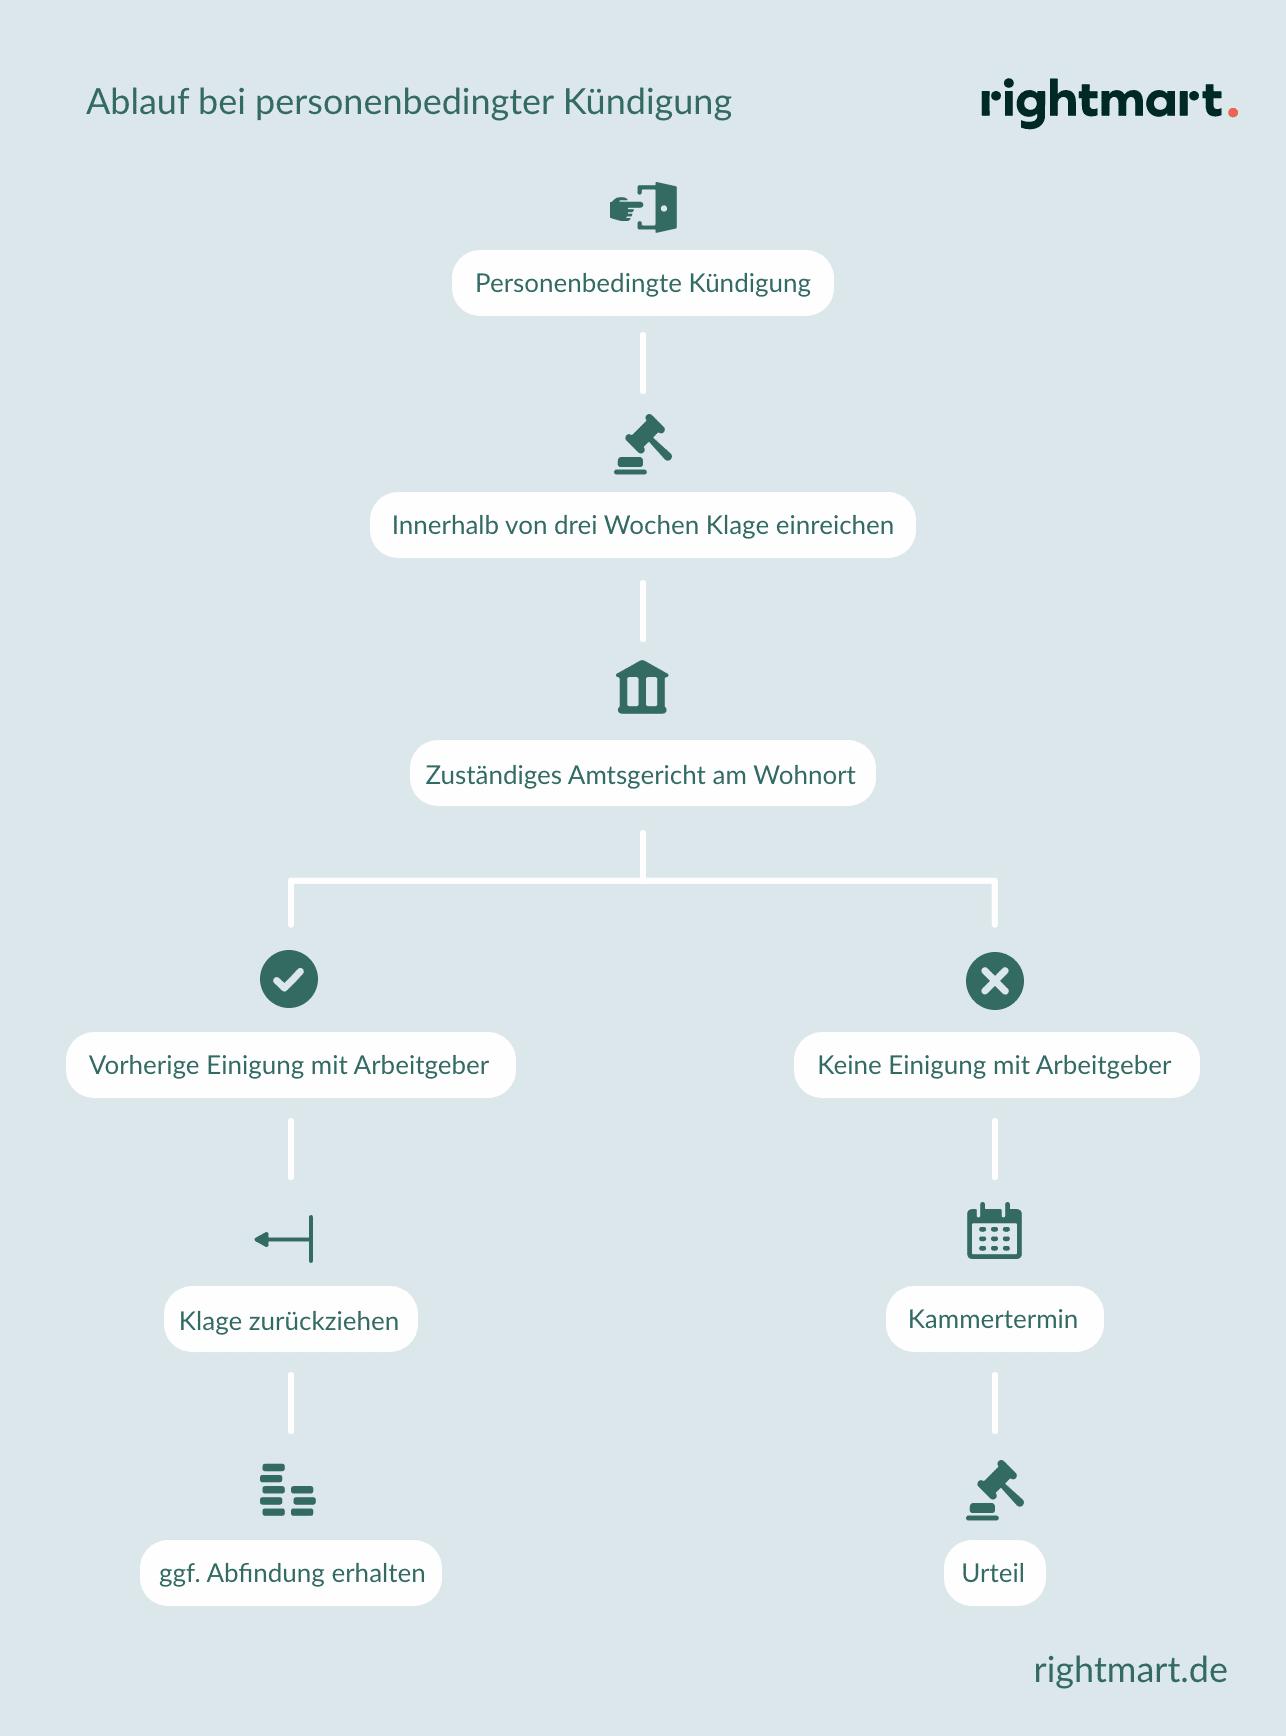 Voraussetzungen für eine personenbedingte Kündigung